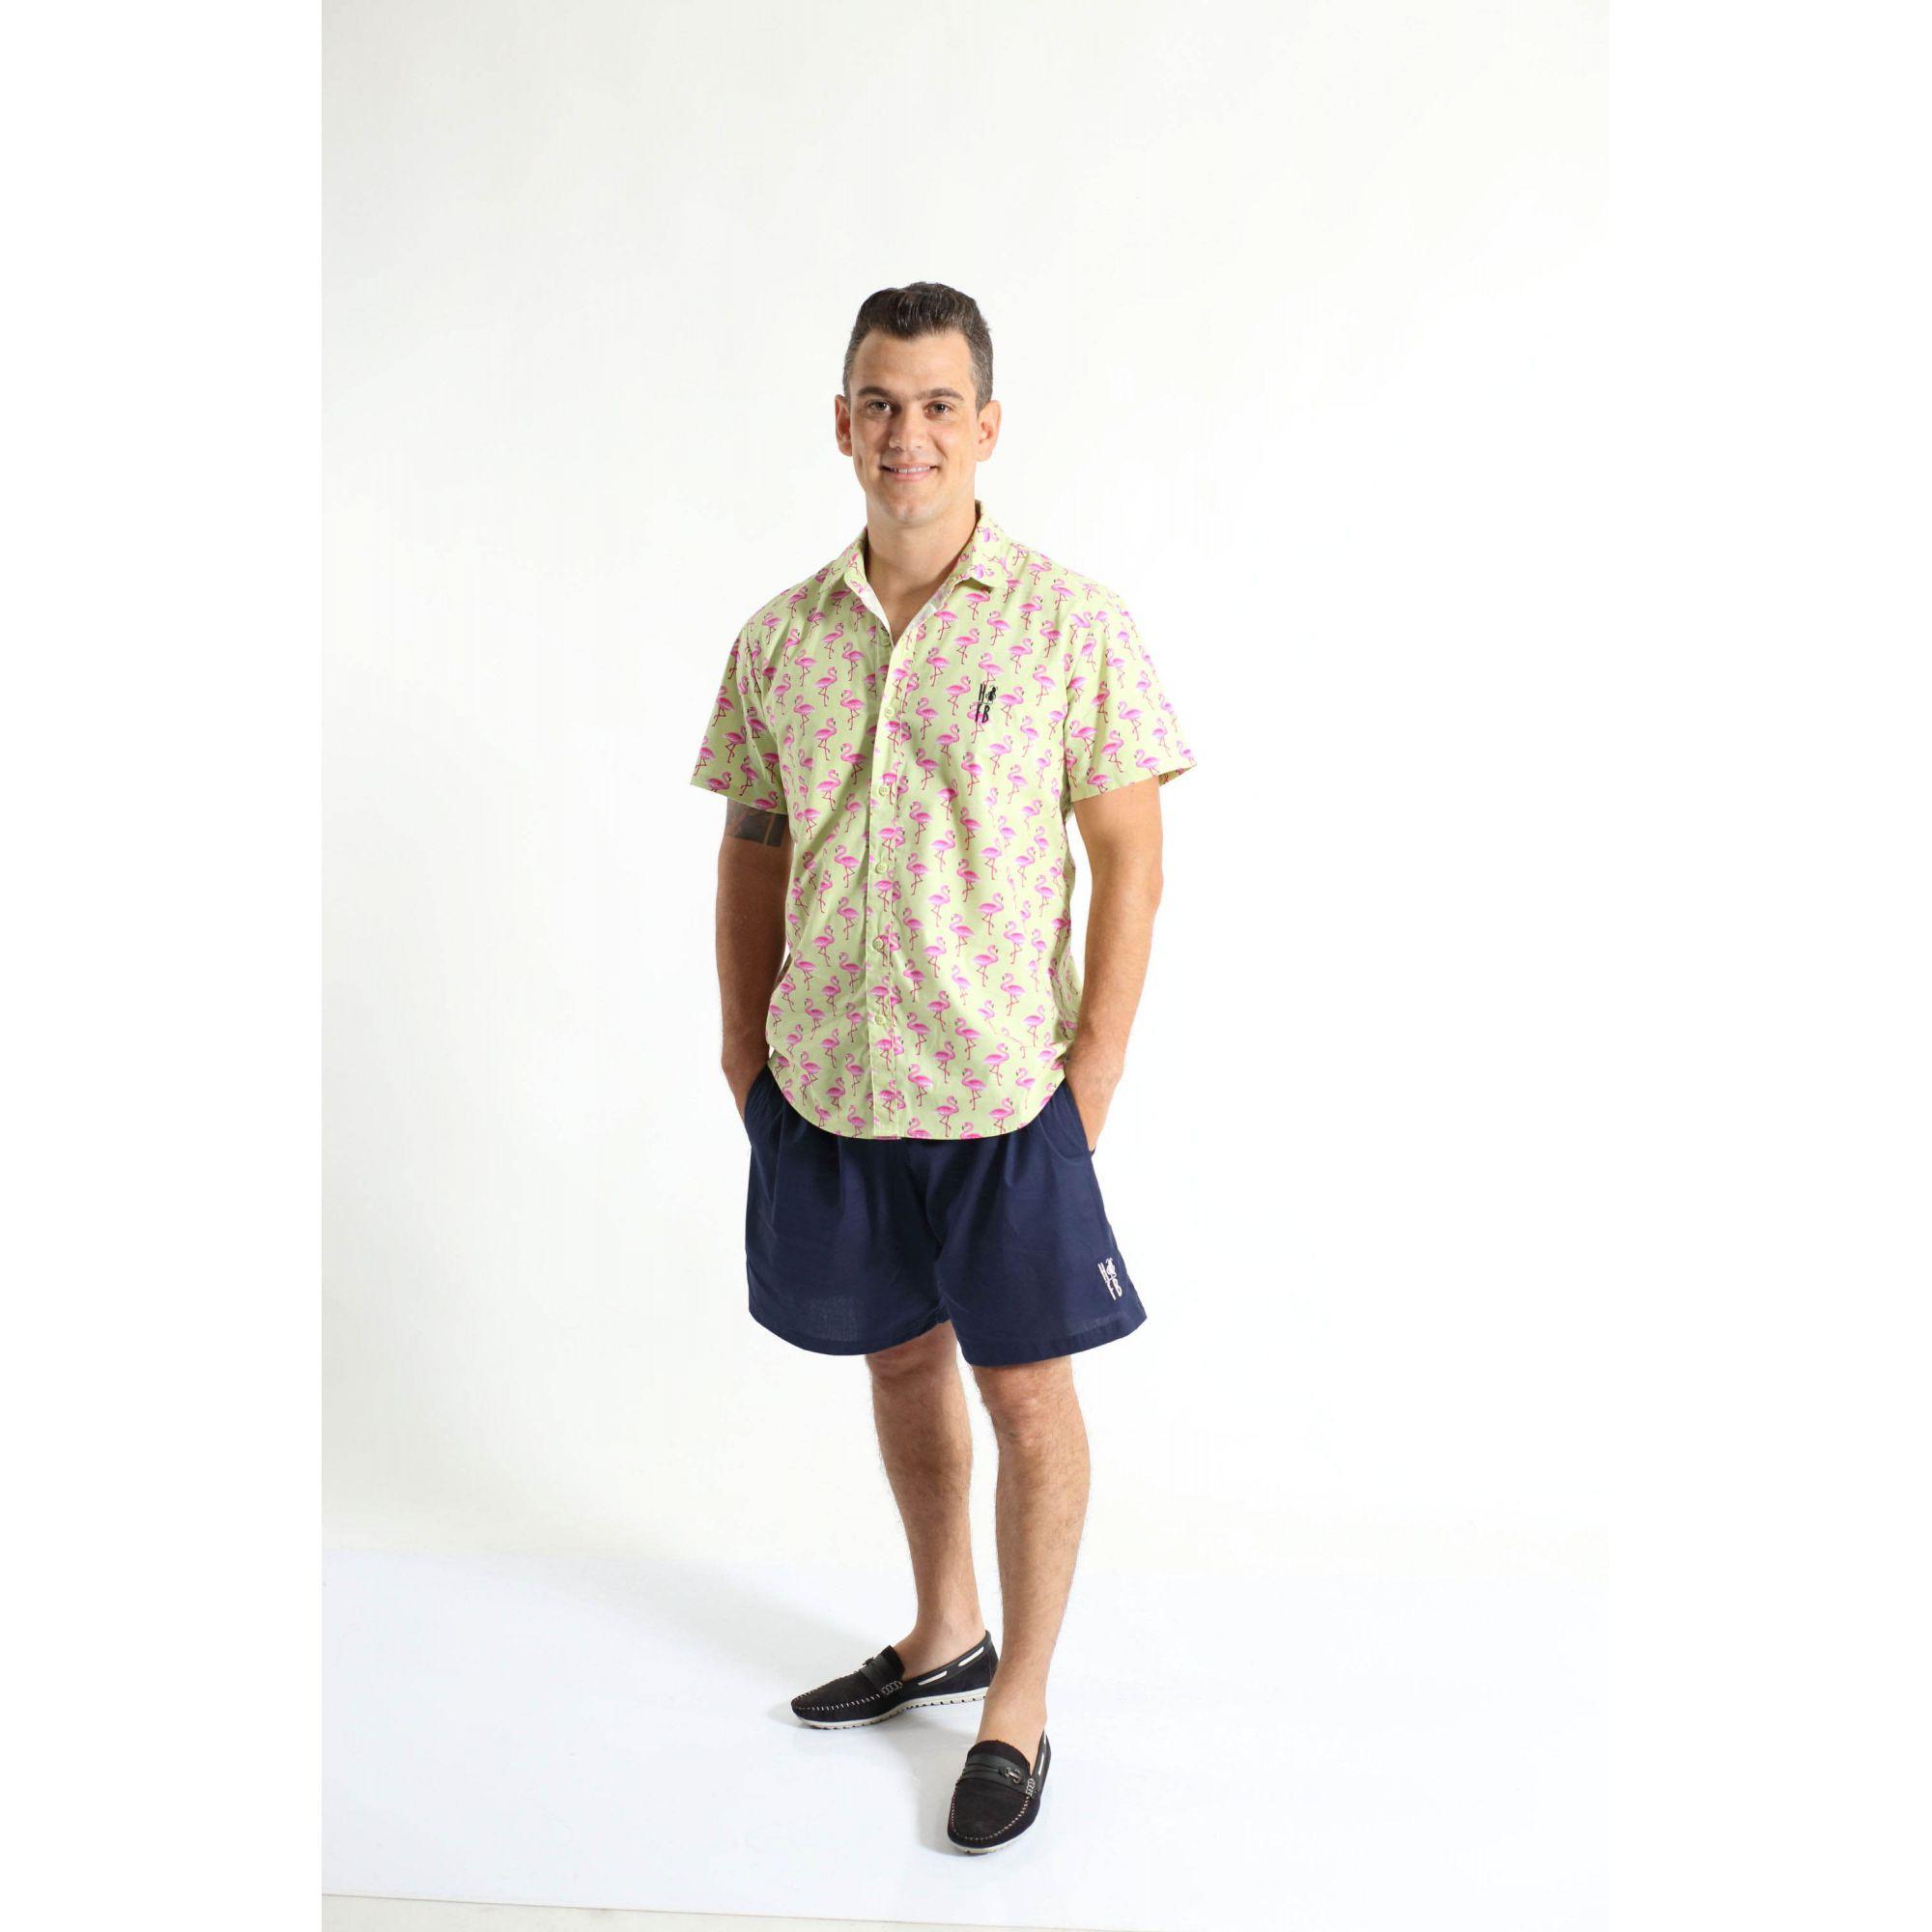 PAIS E FILHOS > Kit 3 peças Camisas Social Flamingo [Coleção Família]  - Heitor Fashion Brazil